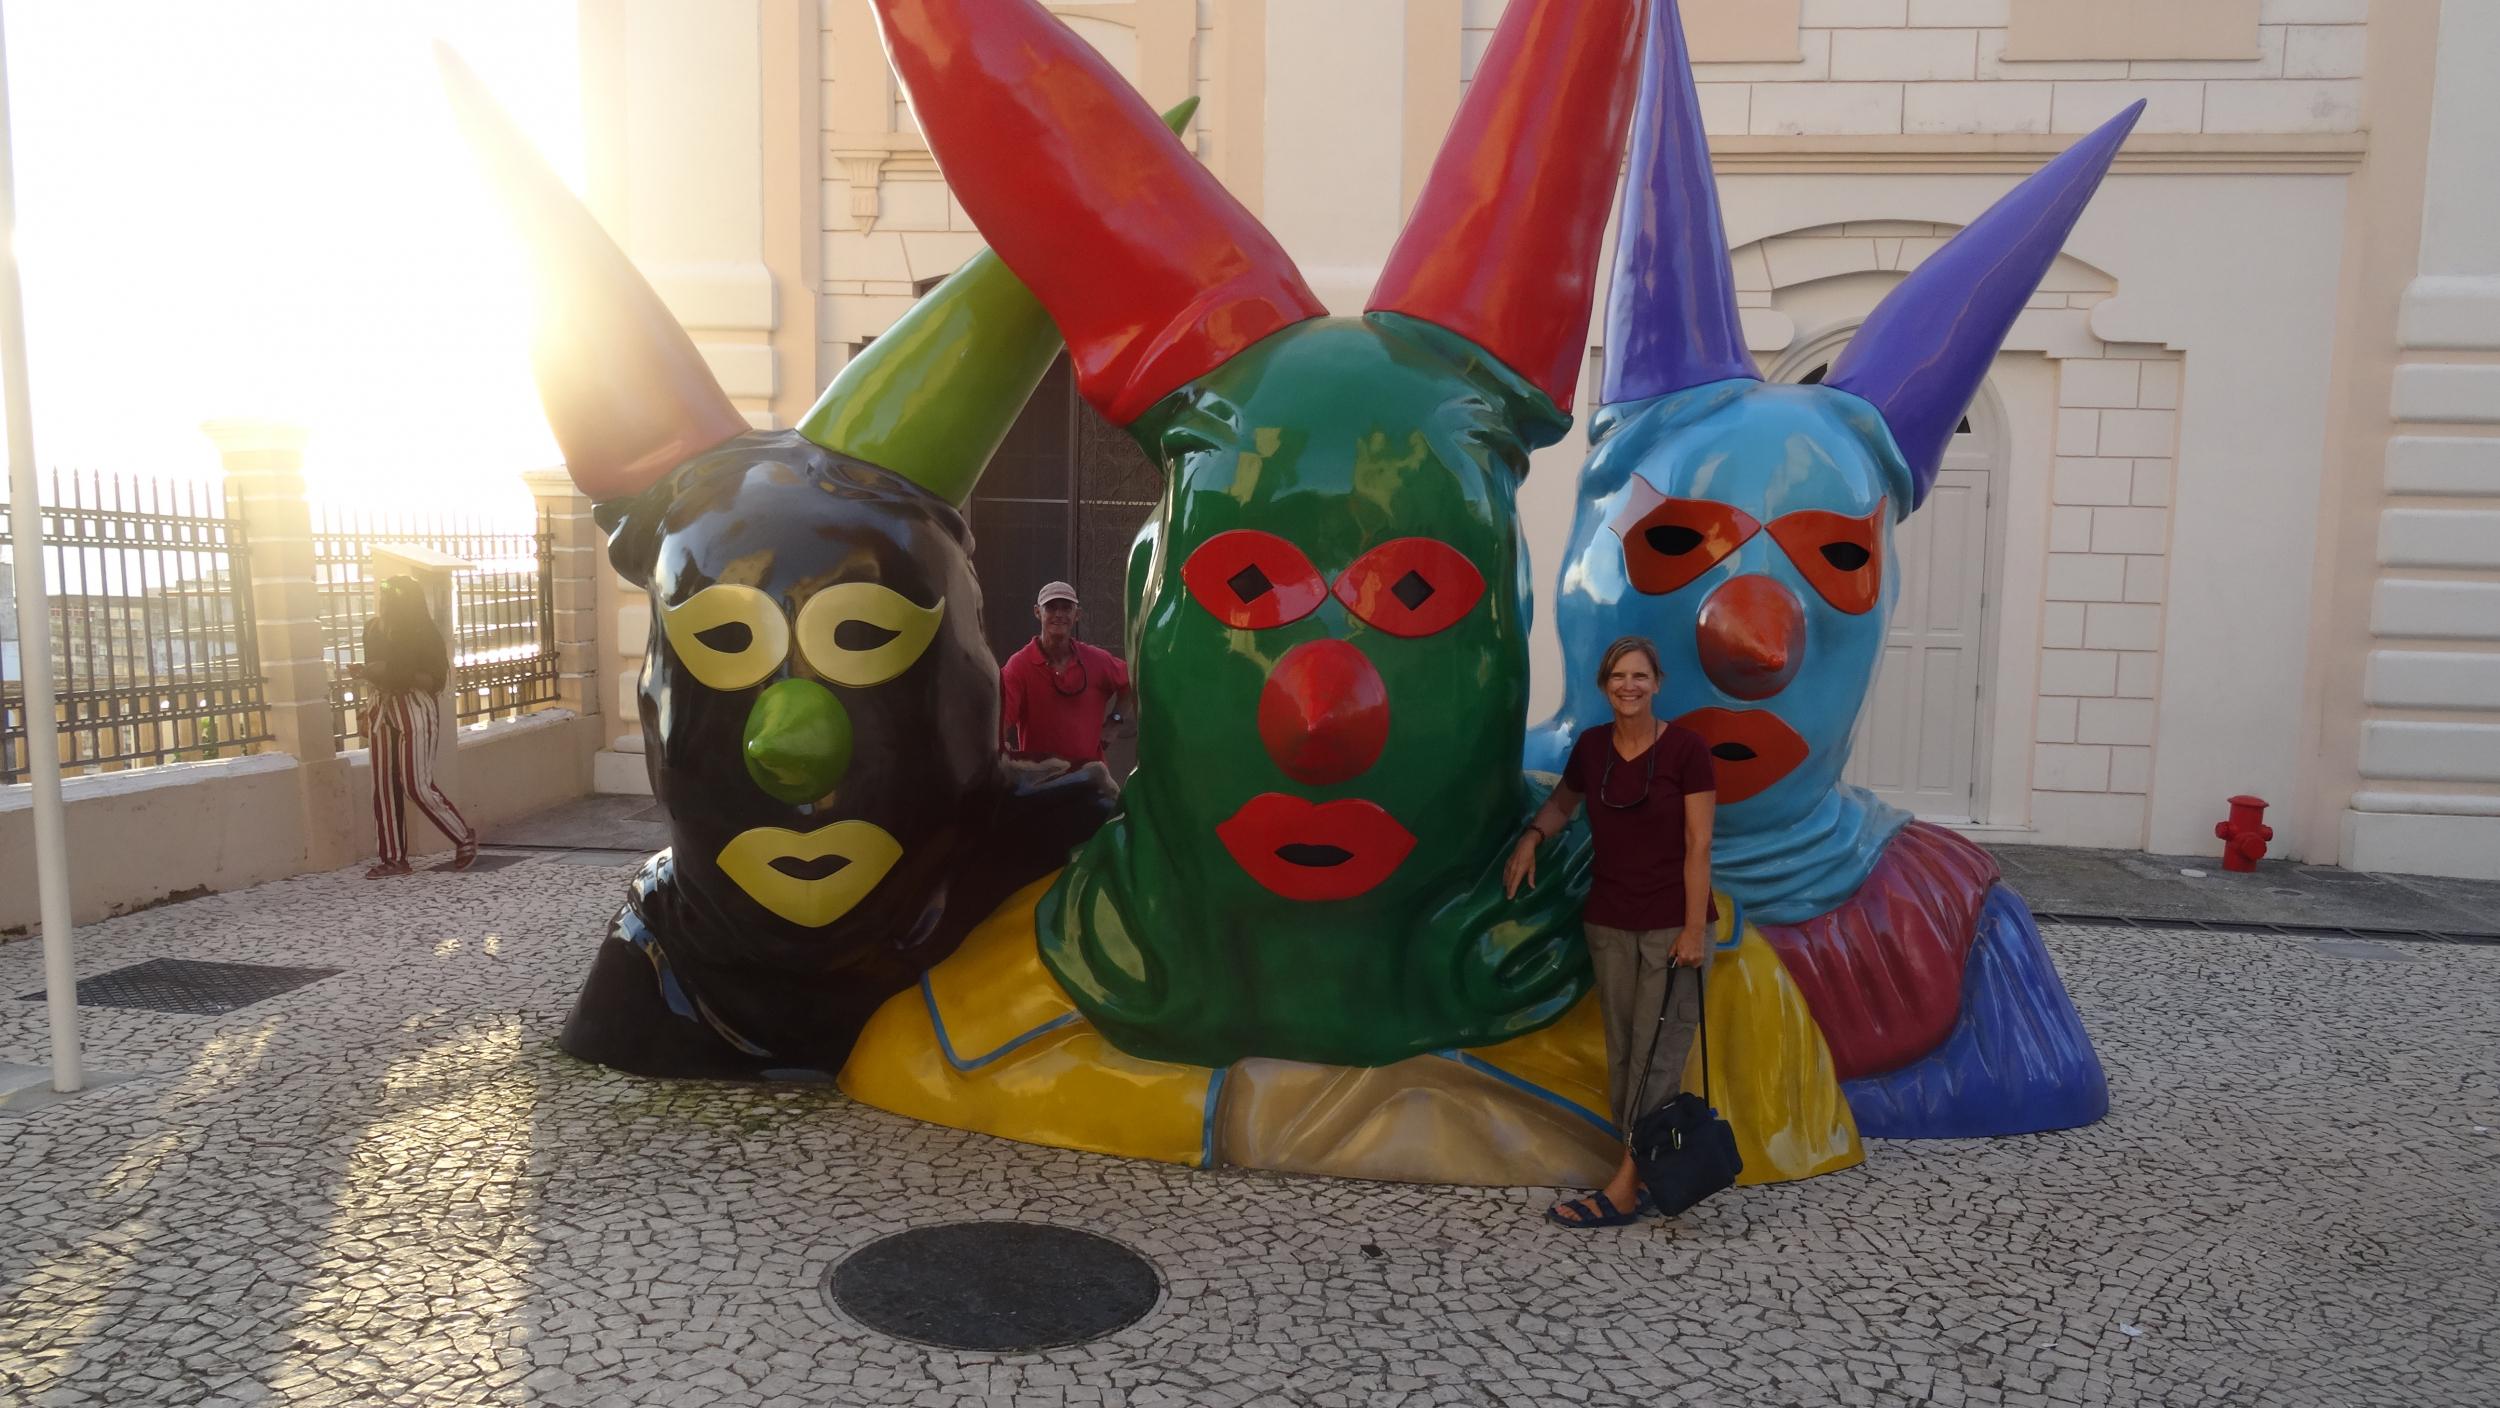 16. The jokers in Salvador